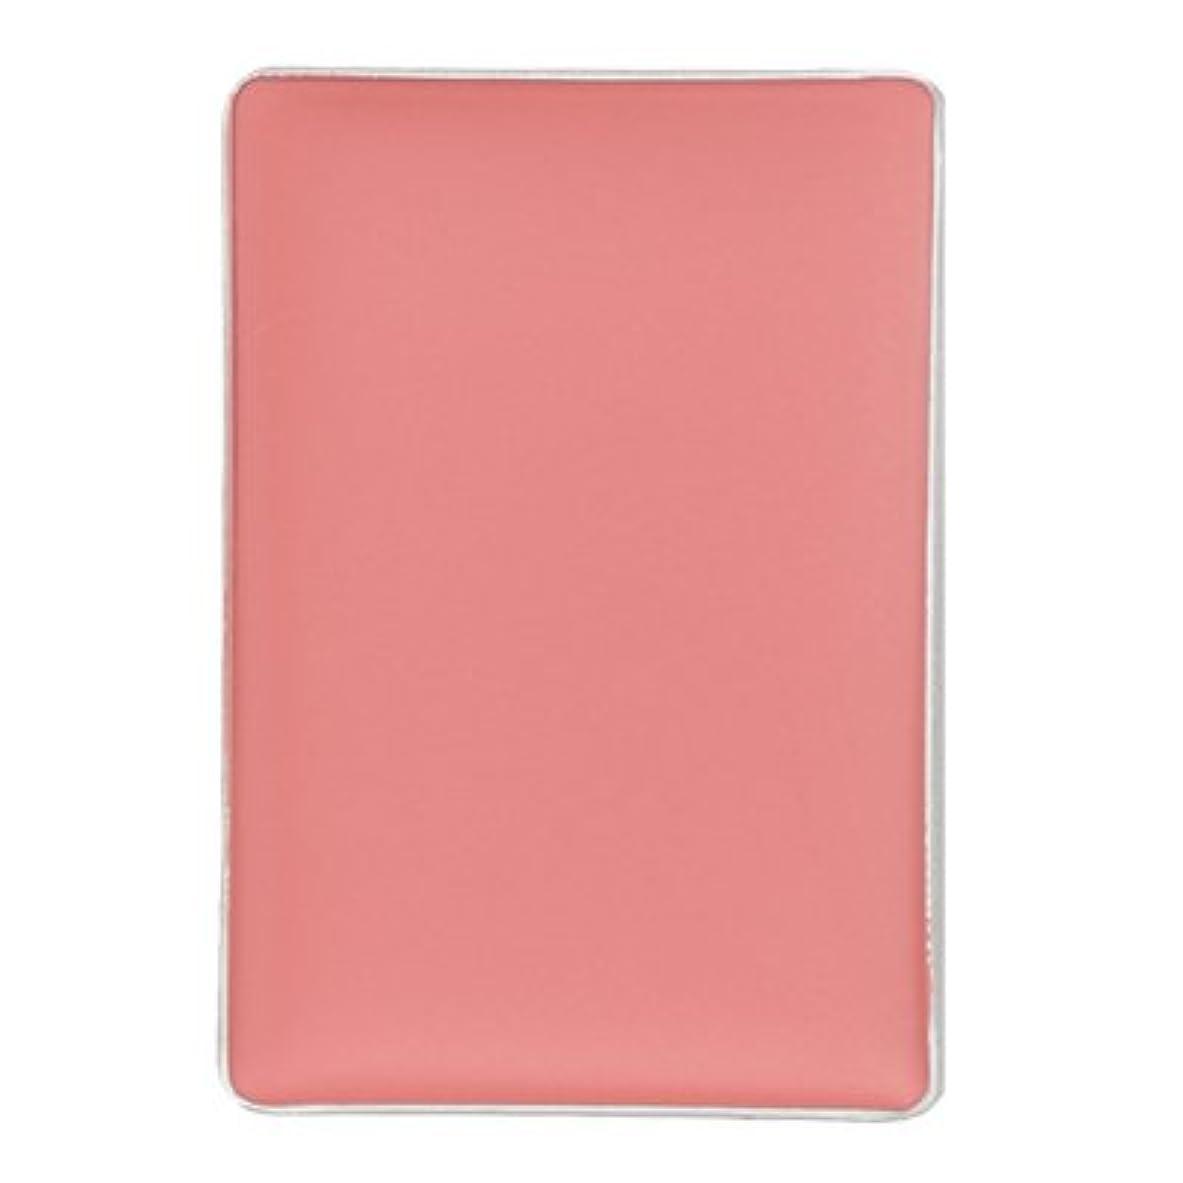 同級生買い手カウンターパートかづきれいこ ハードファンデーション影セット(リフィル) ピンク<影2>